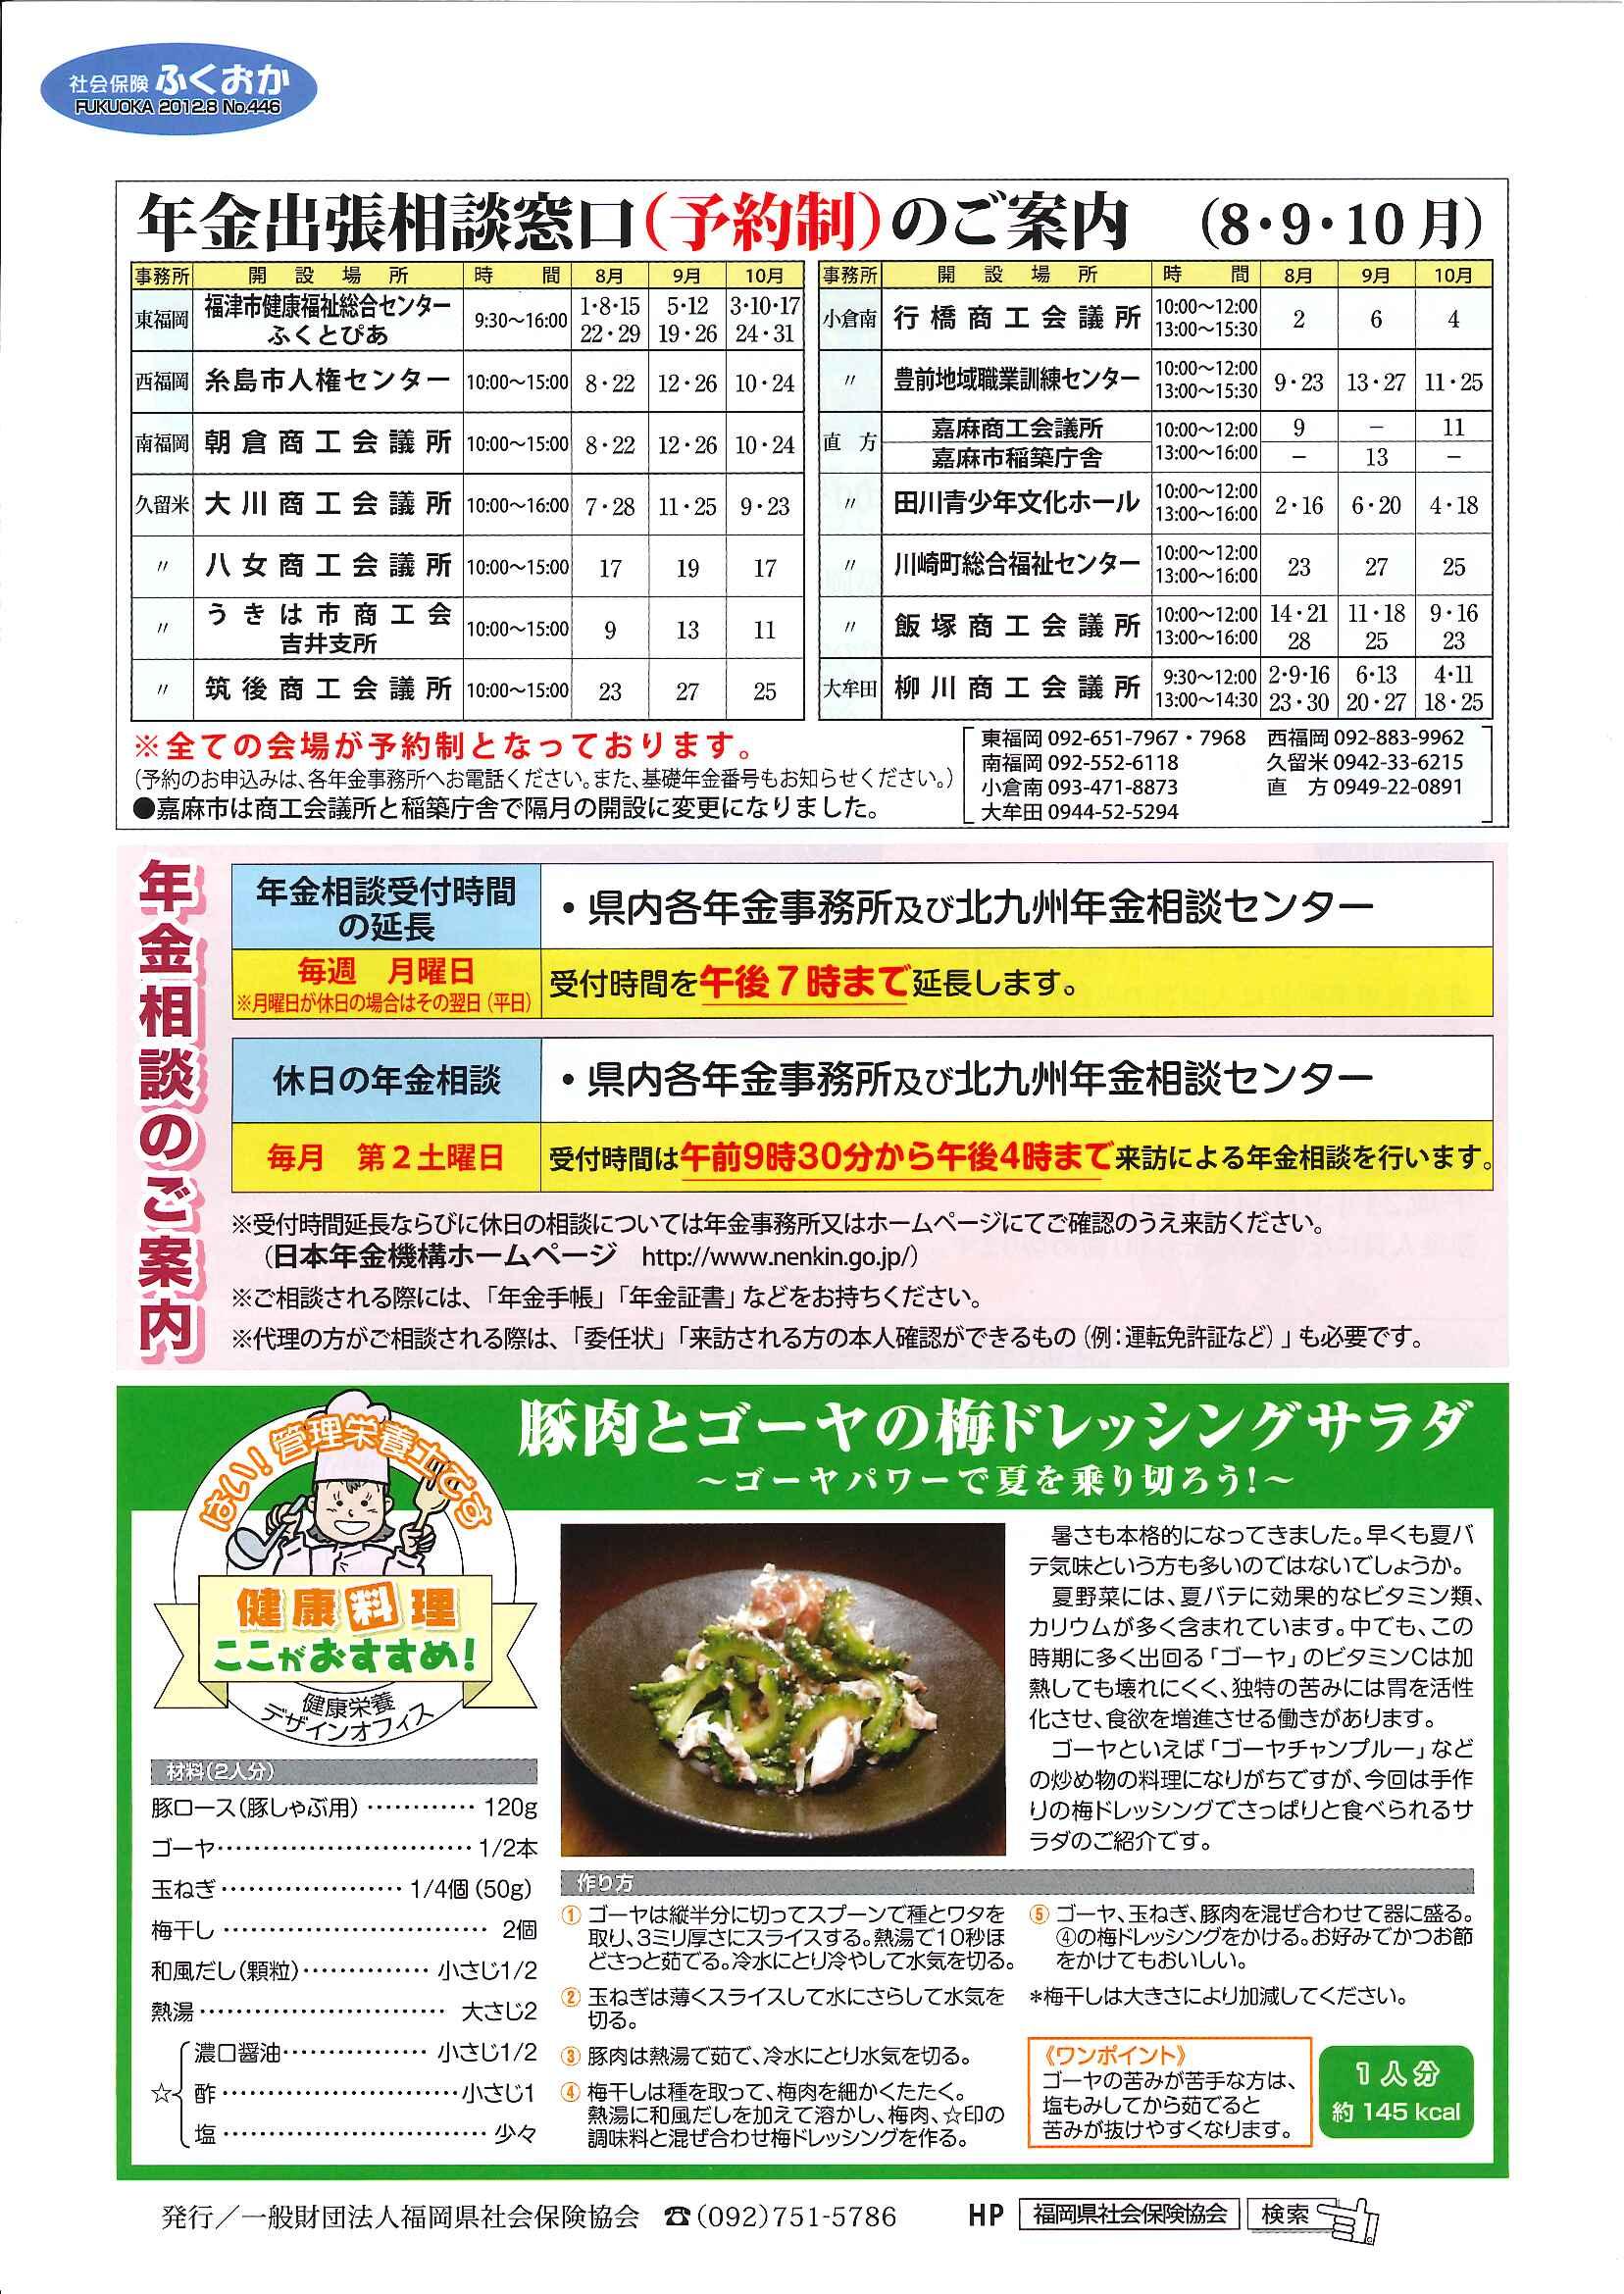 社会保険 ふくおか 2012 8月号_f0120774_14501218.jpg